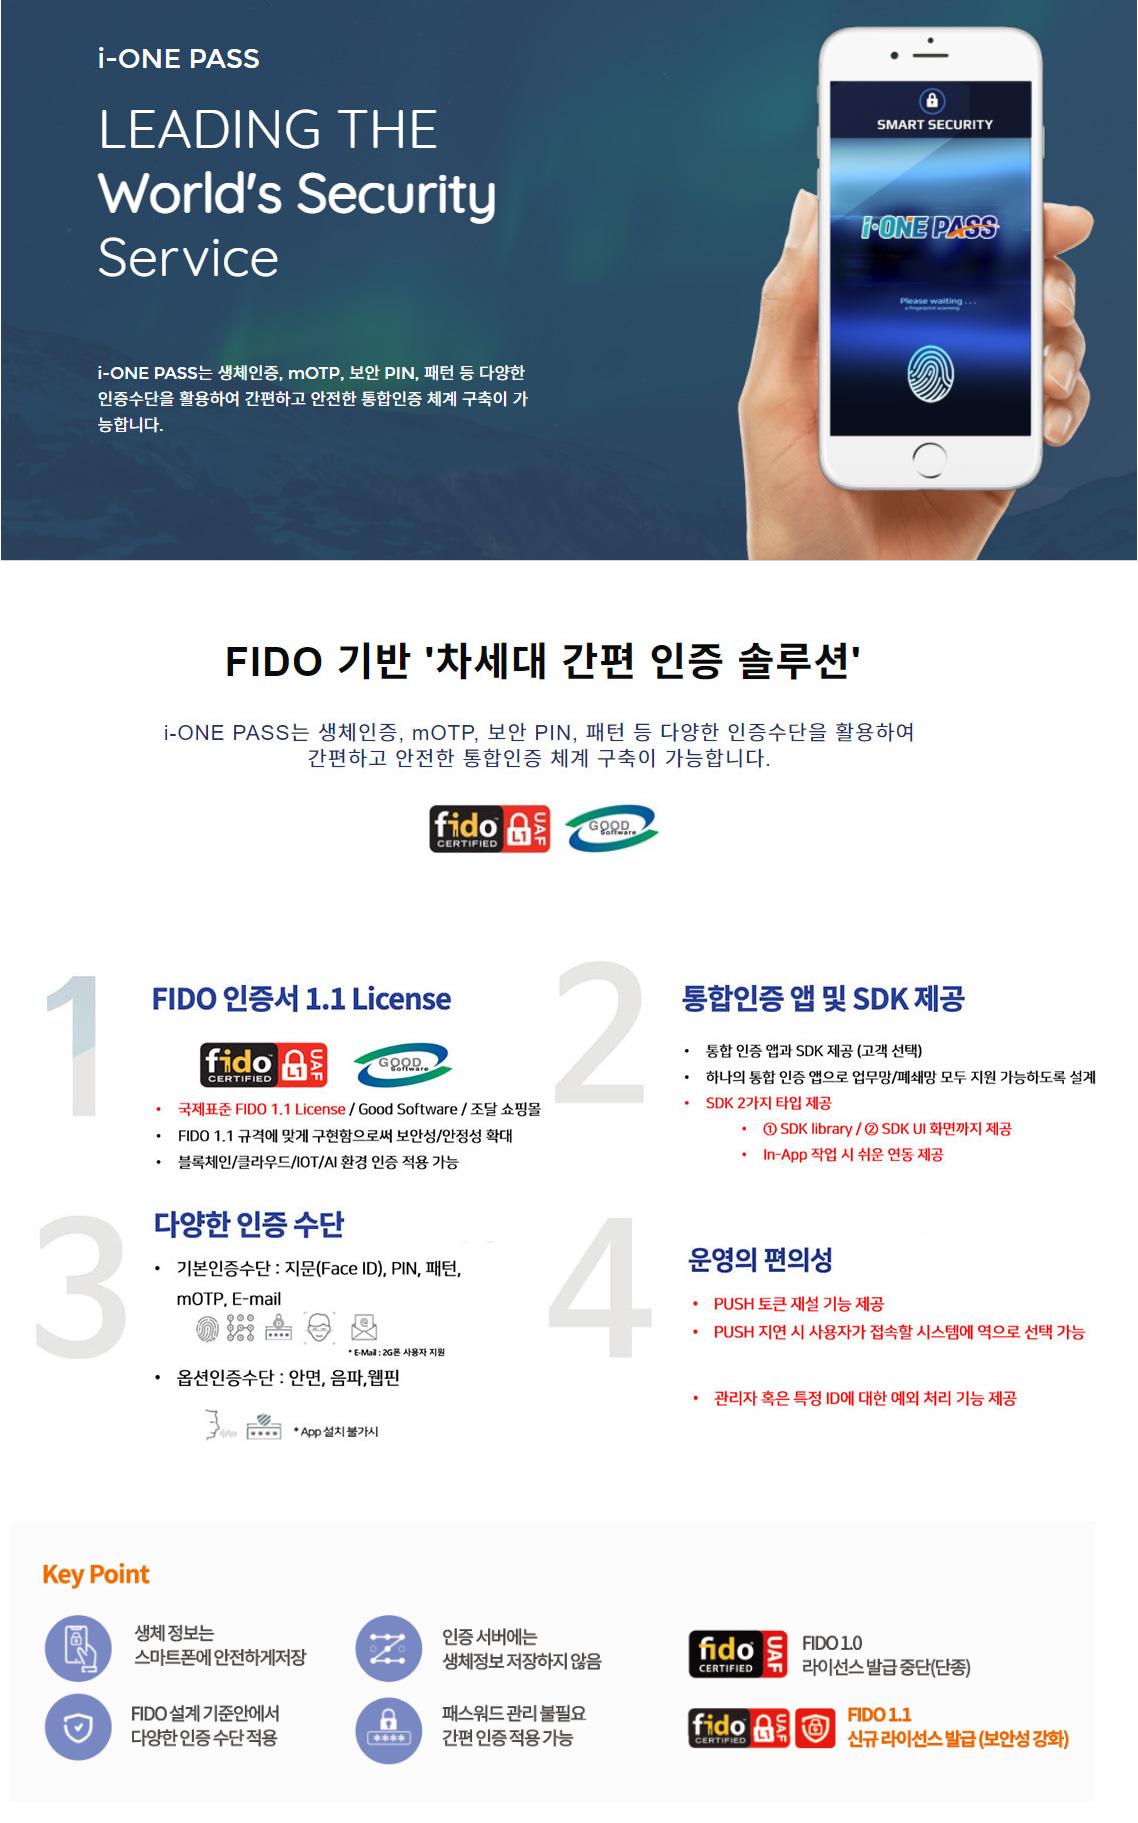 FIDO 기반 간편인증 솔루션